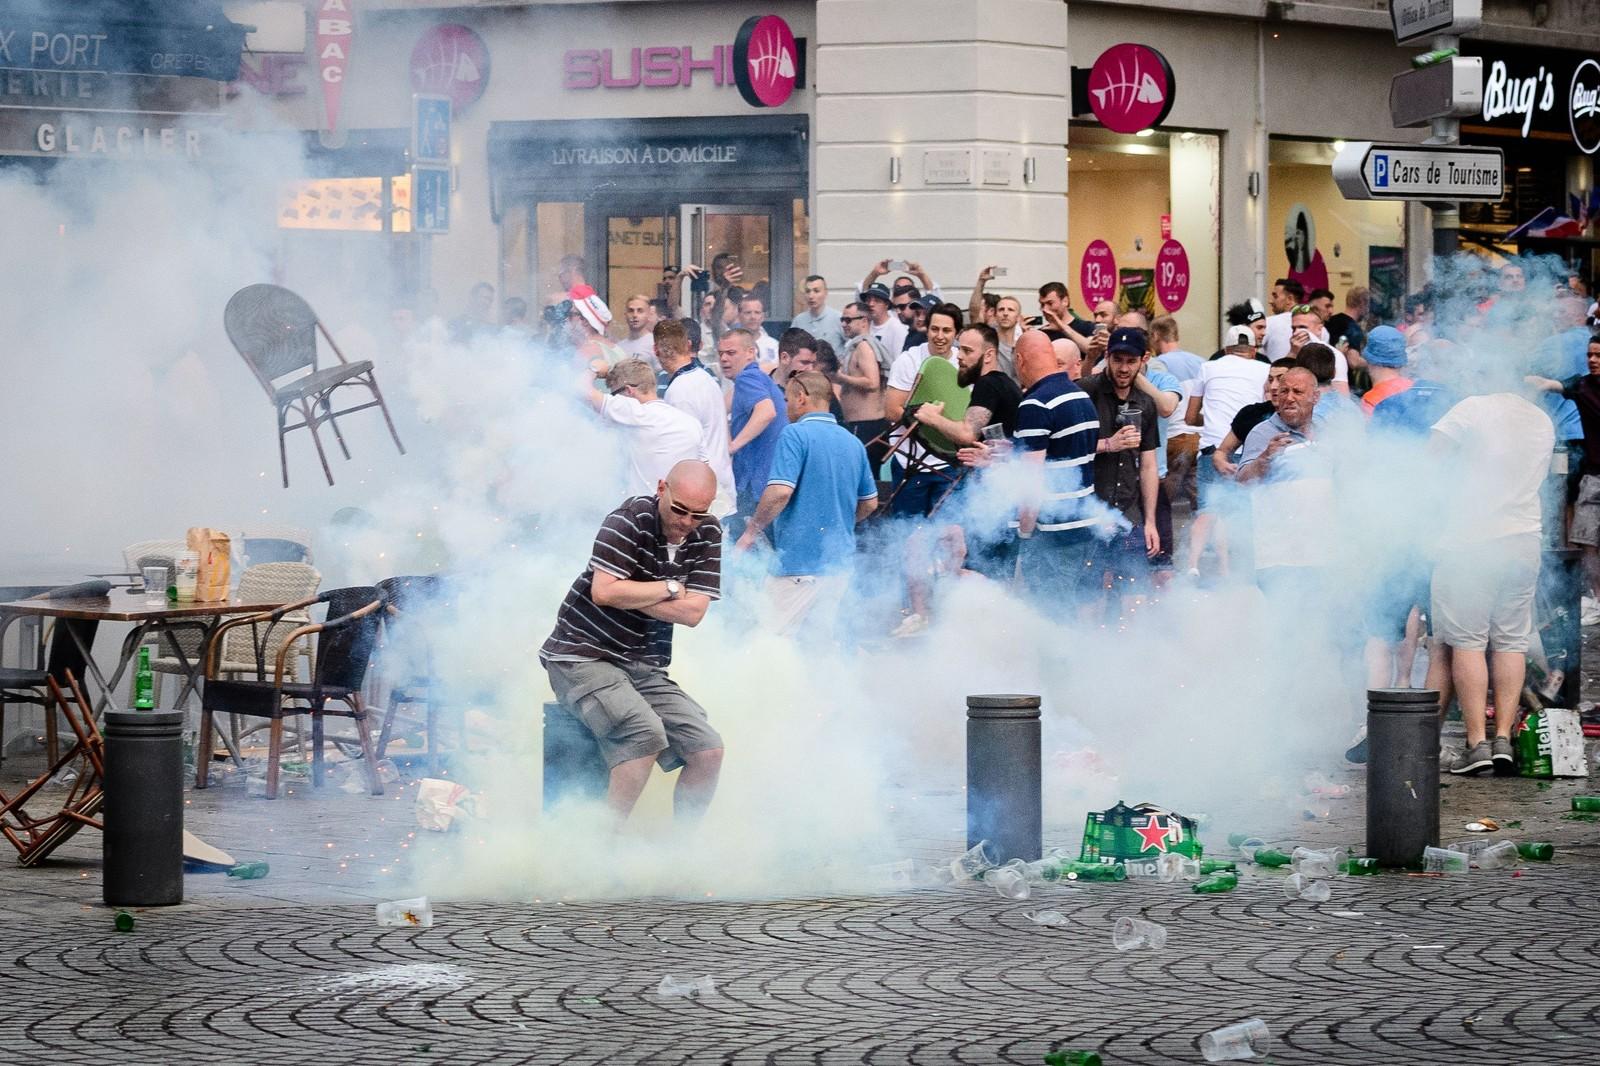 Politiet bruker tåregass mot fotballsupportere i Marseille